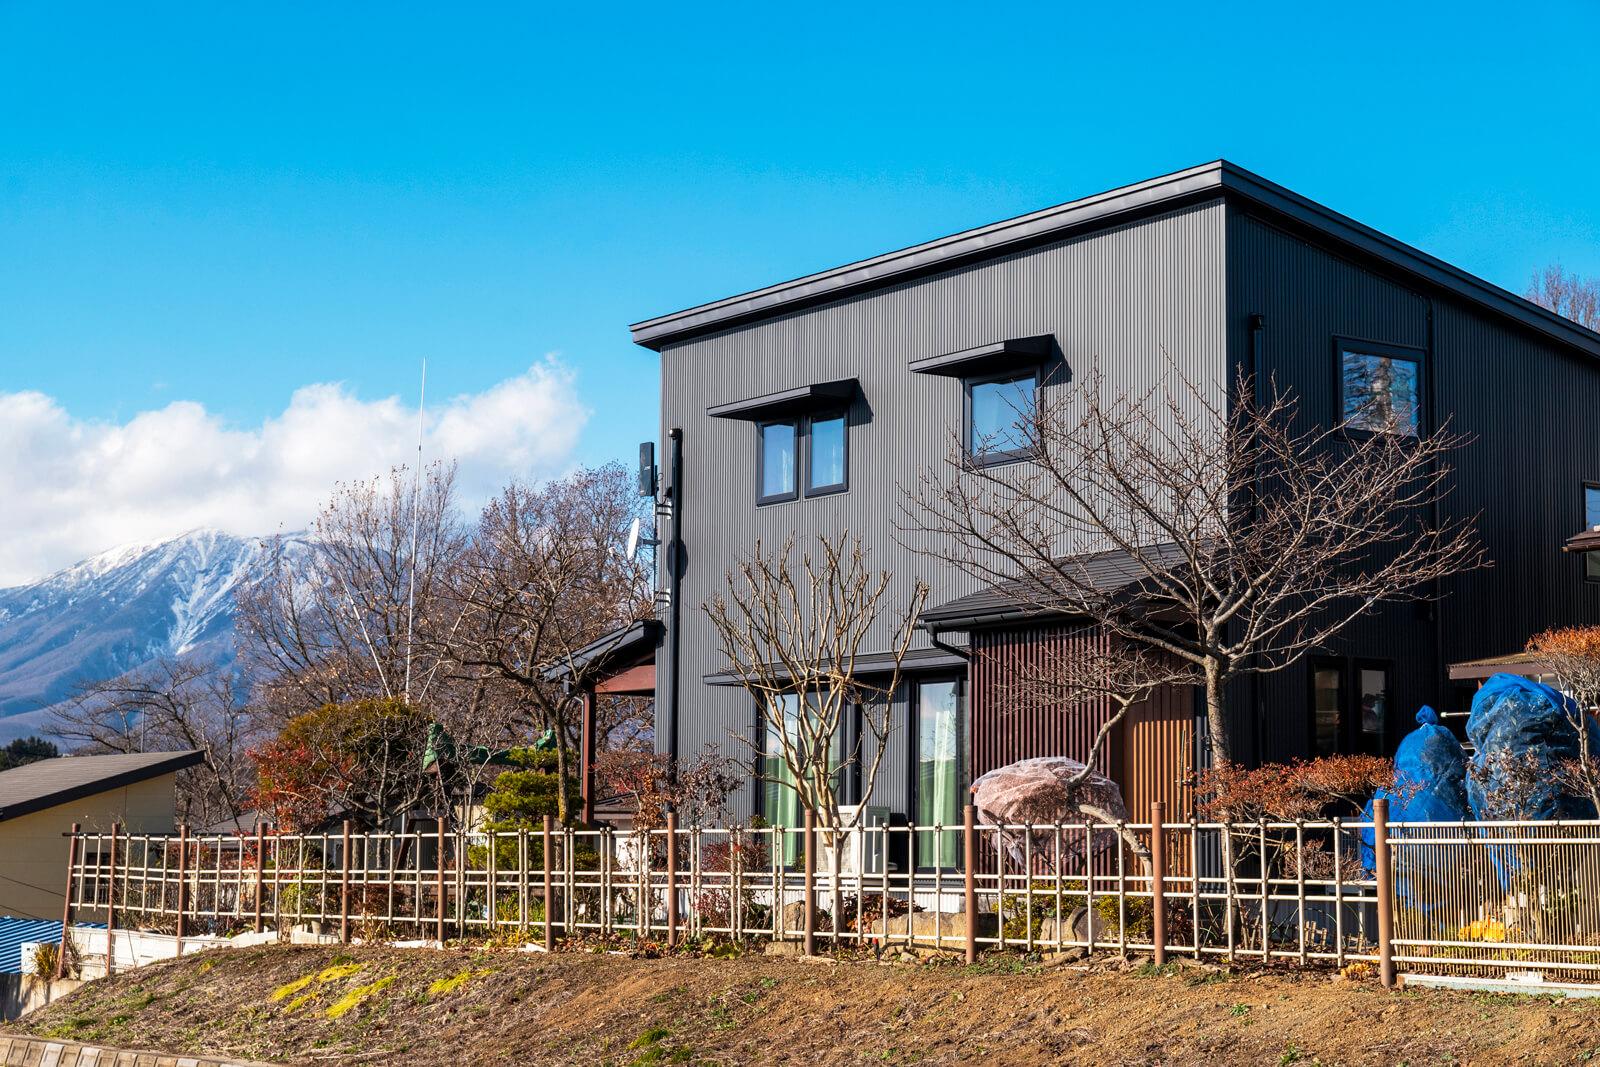 岩手山を望む地に建つFさん宅。キューブ型フォルムと黒い外壁のモダンテイスト